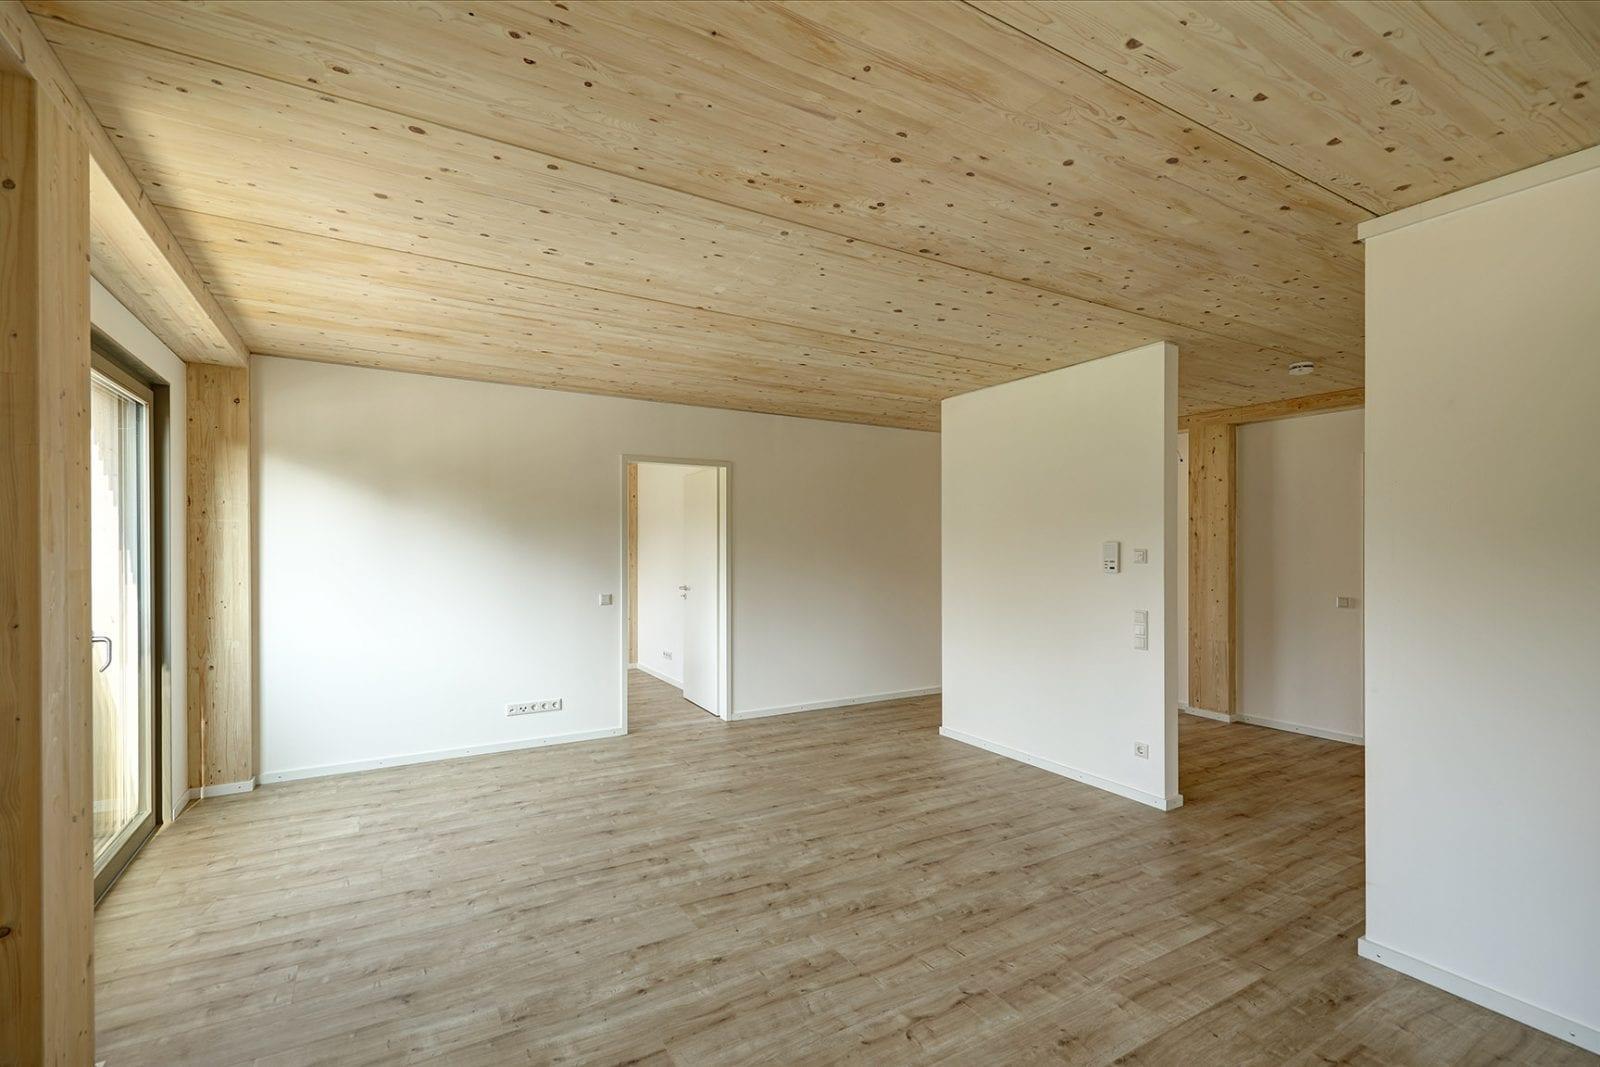 Die tragenden Innenwände bestehen aus mit Gipskarton gekapseltem Brettsperrholz. (Foto: Conné van d'Grachten)